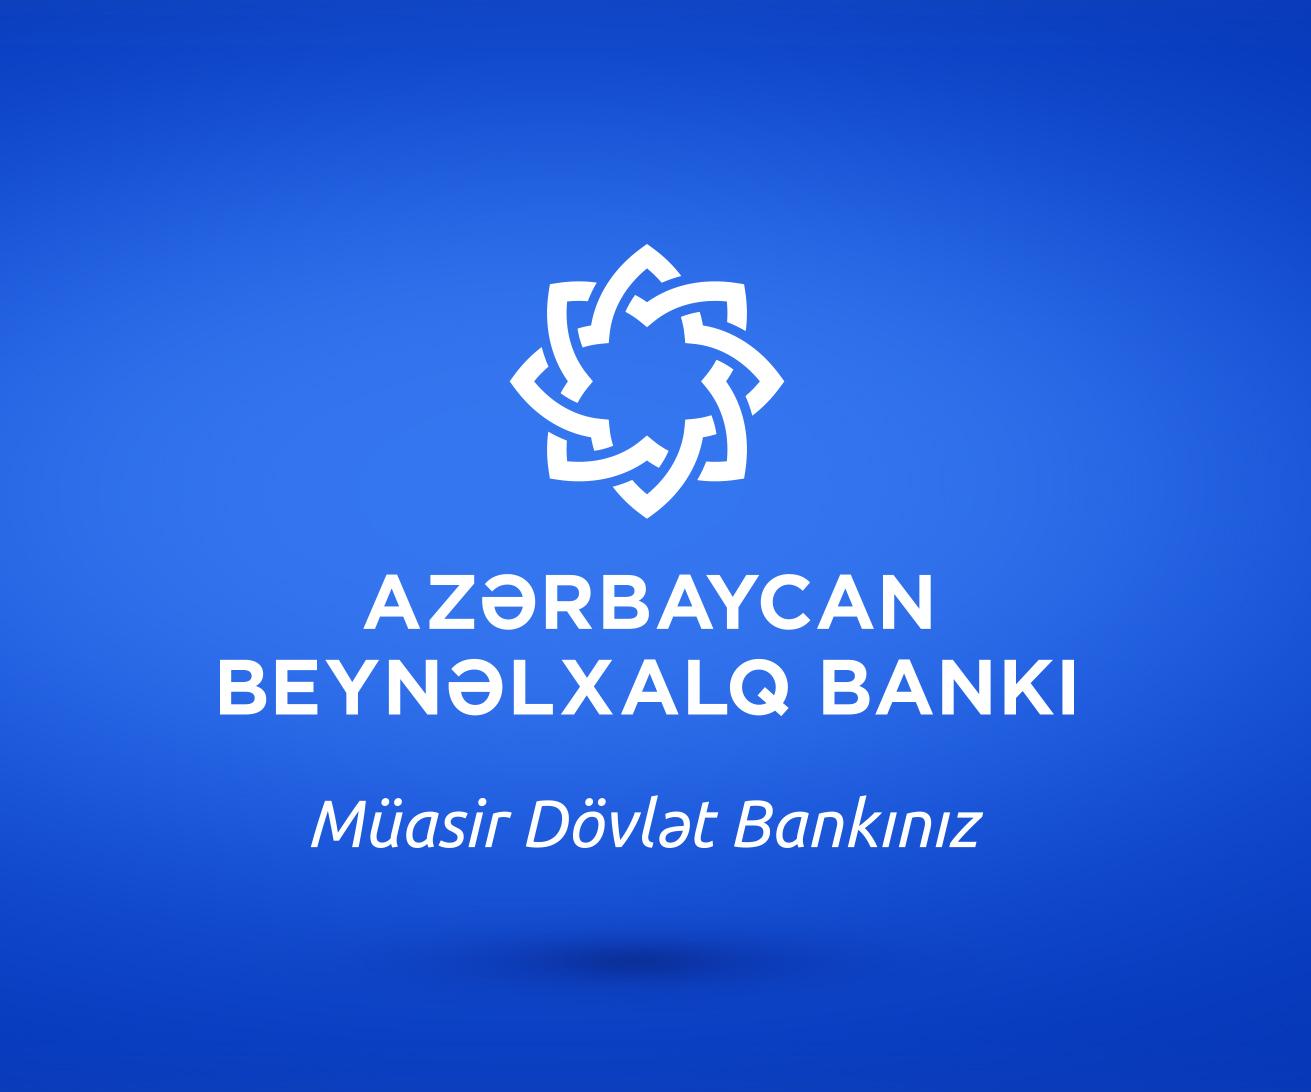 Международный Банк Азербайджана за день выдал социальные карты более чем 23 тысячам граждан